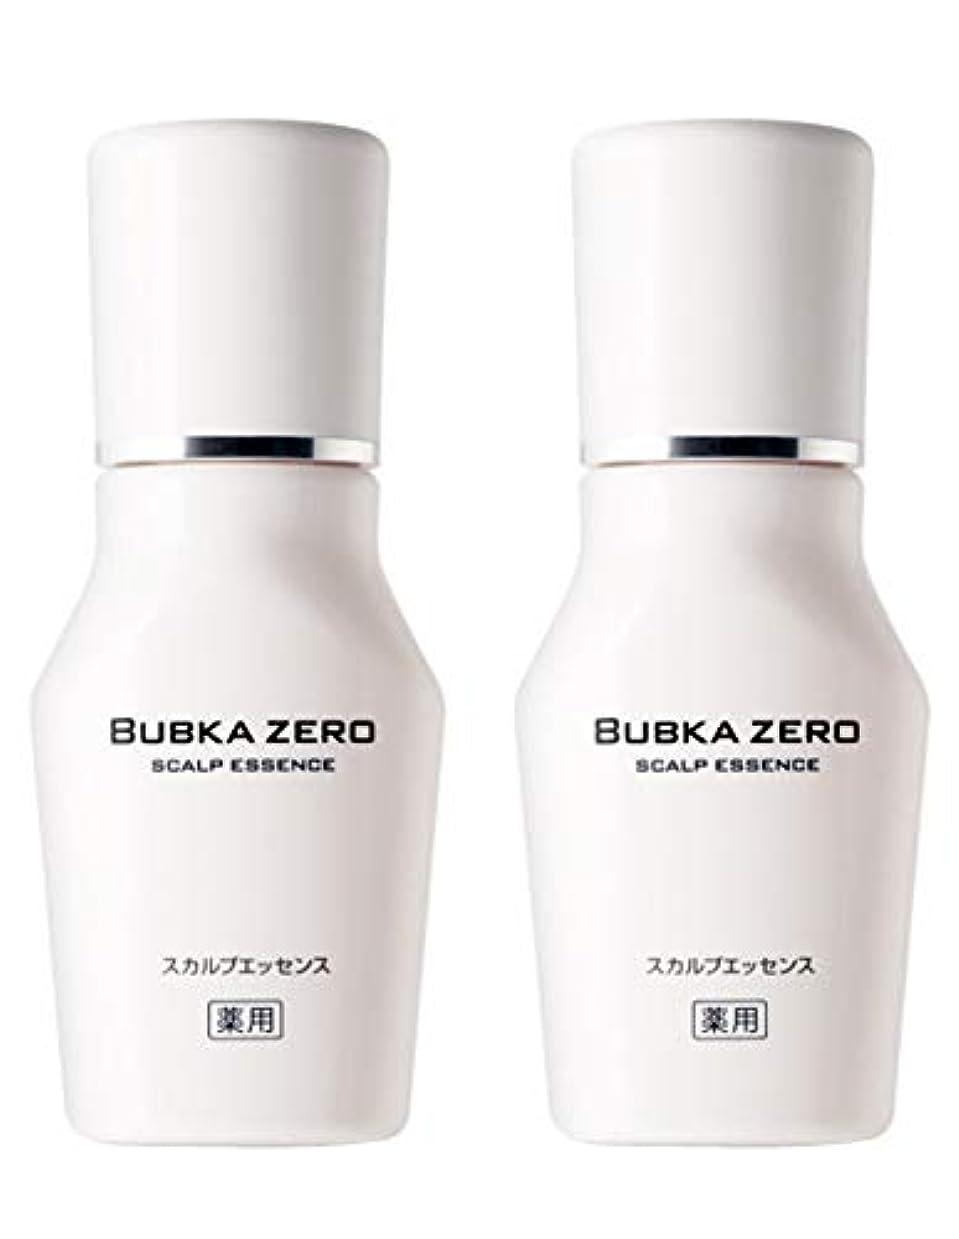 である肝擁する【医薬部外品】BUBKA(ブブカ)薬用 スカルプエッセンス 育毛剤 BUBKA ZERO (ブブカ ゼロ)2本セット